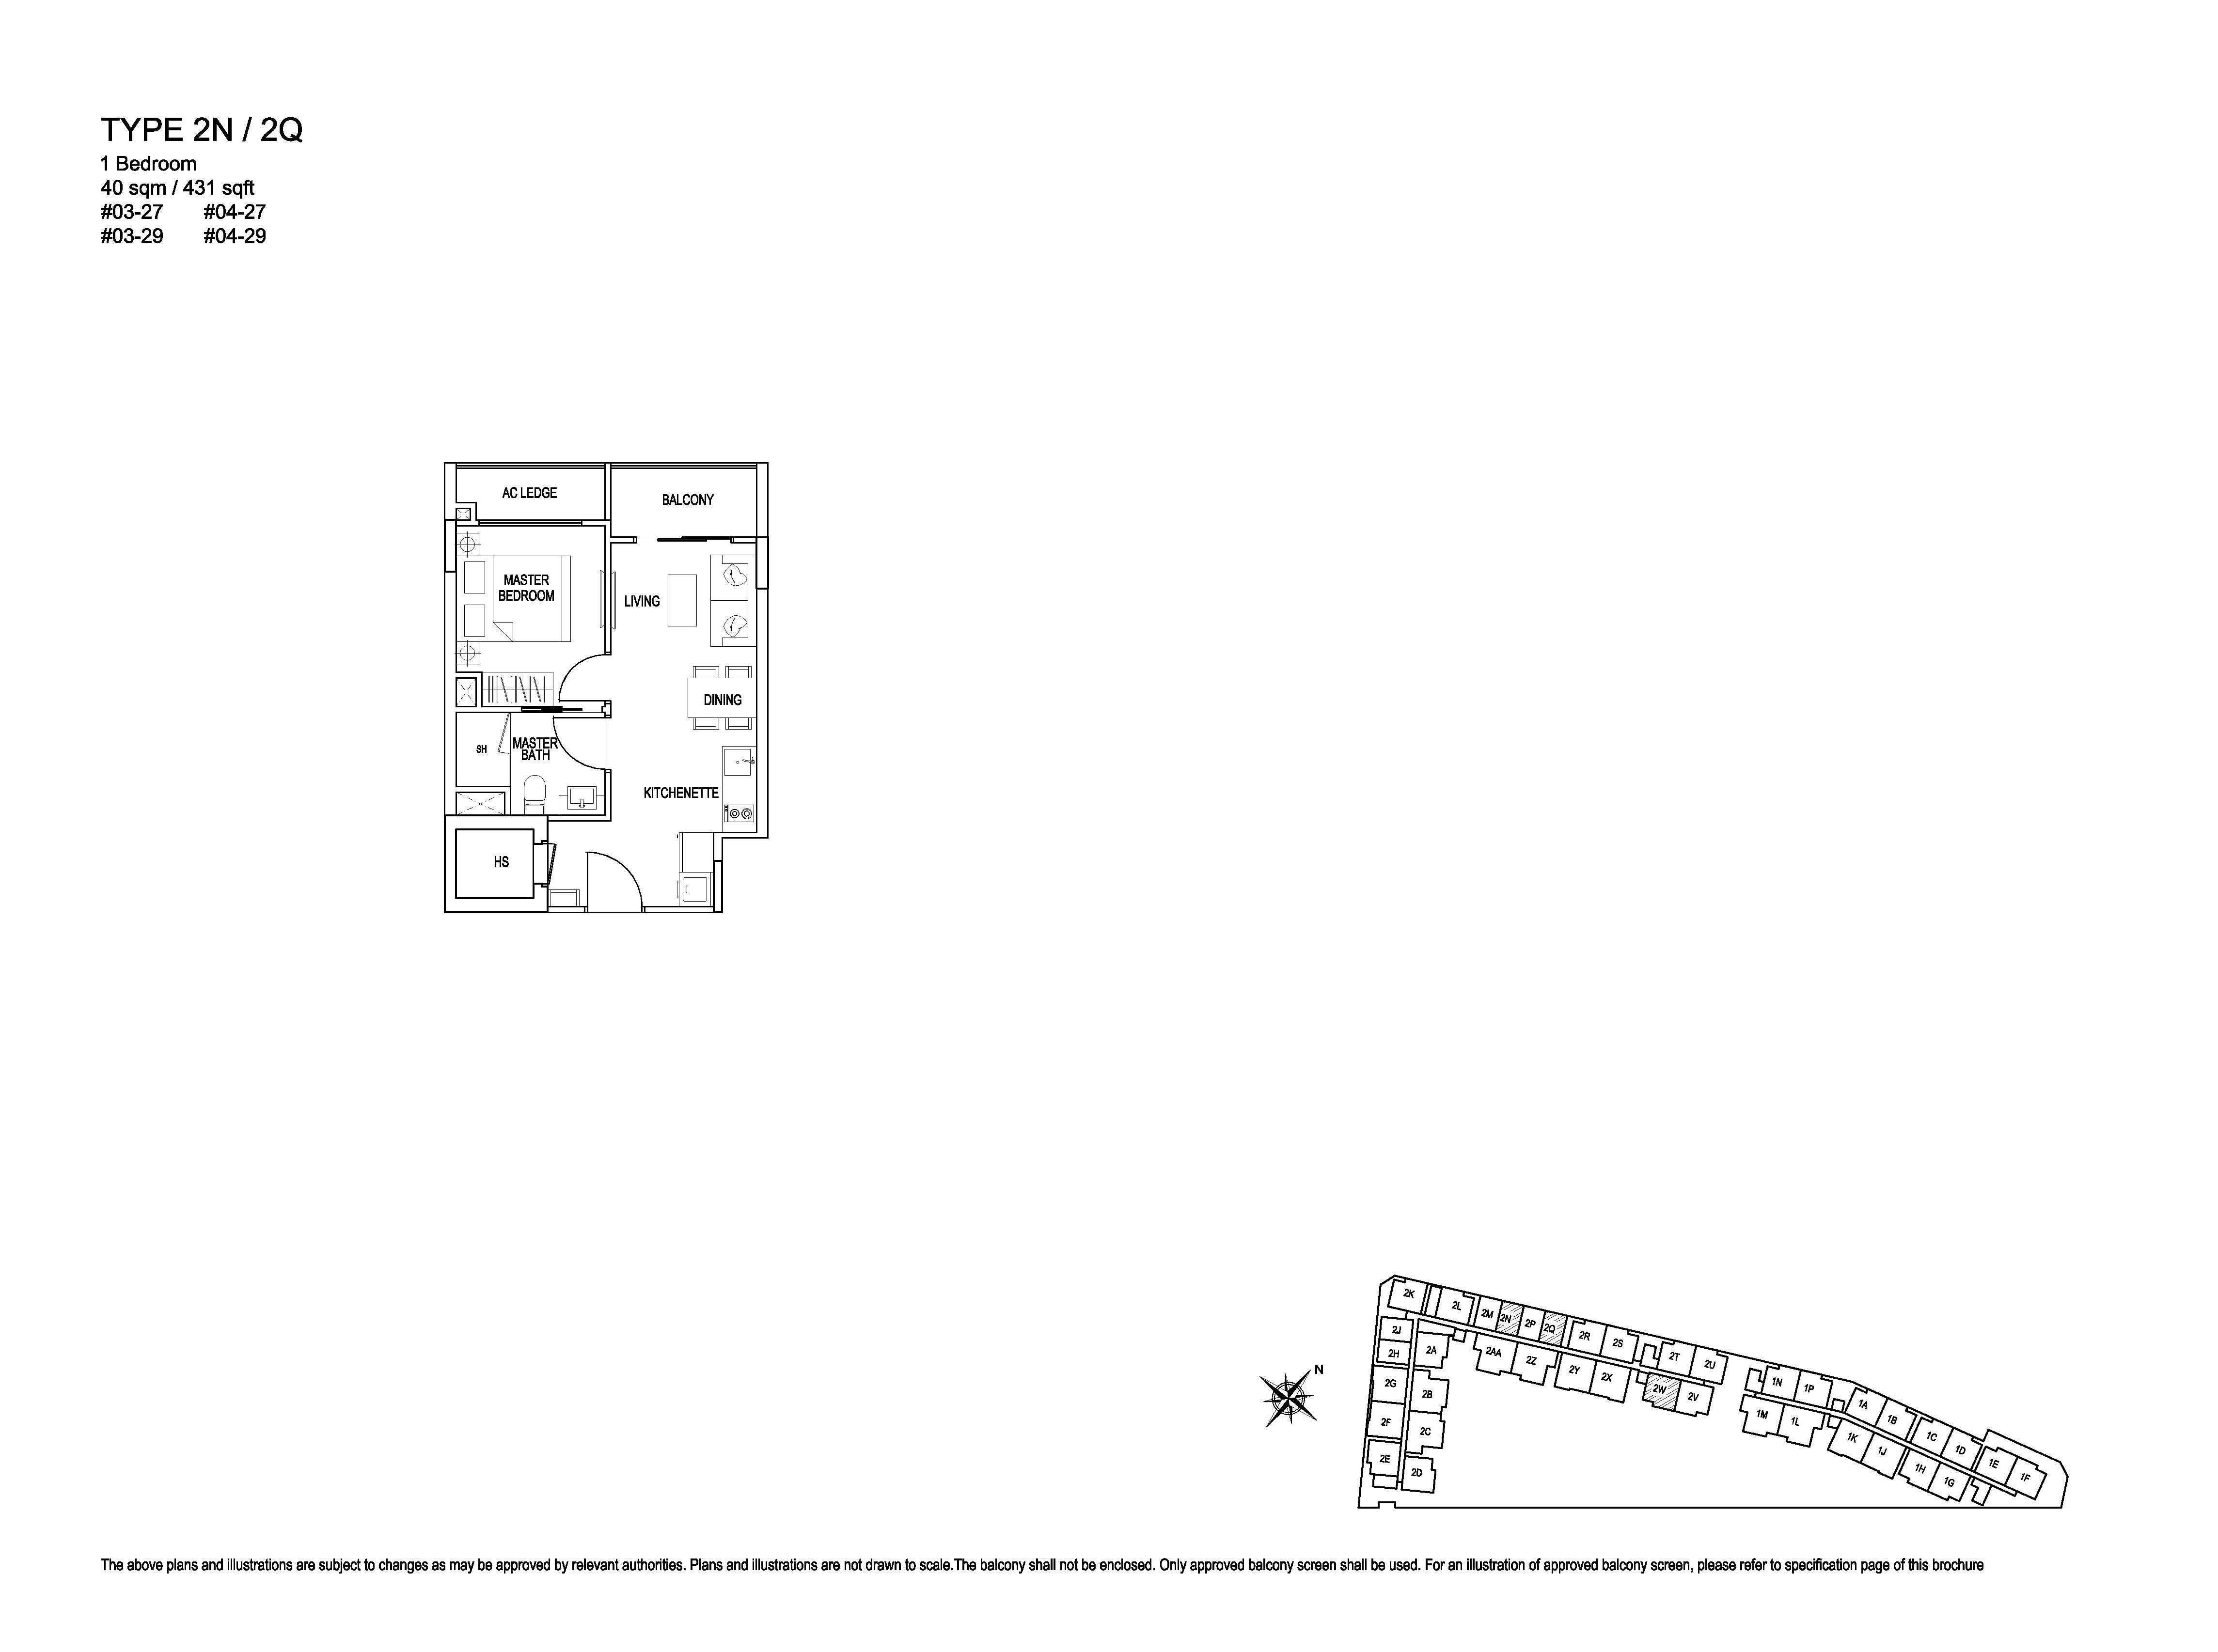 Kensington Square 1 Bedroom Floor Plans Type 2N/2Q